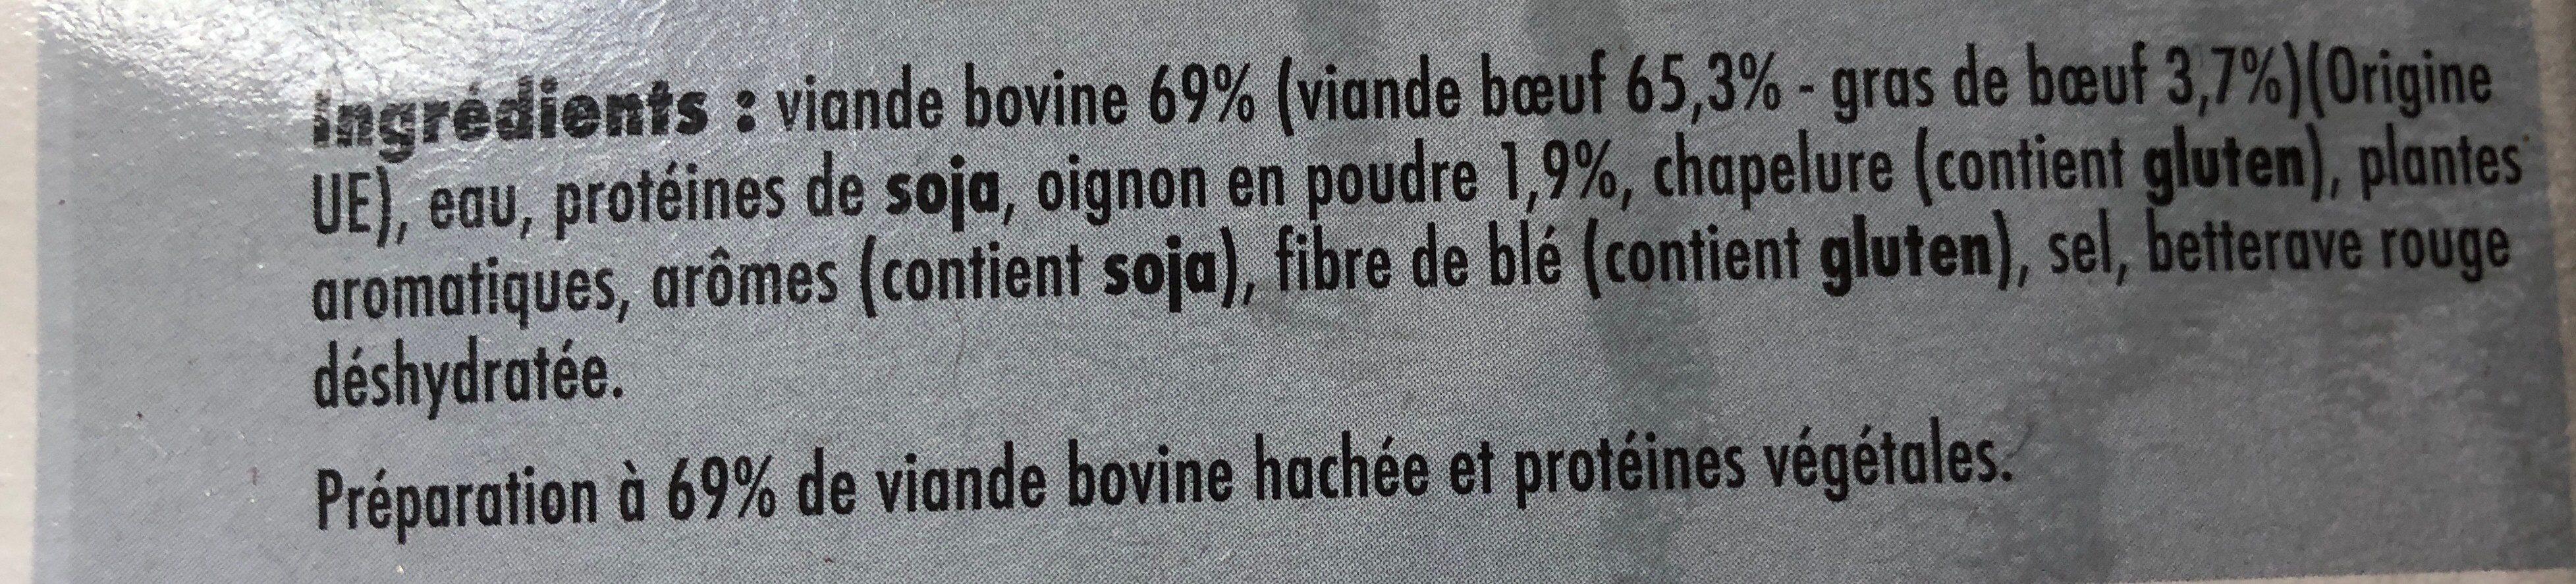 Hachés de boeuf à l'oignon - Ingredients - fr